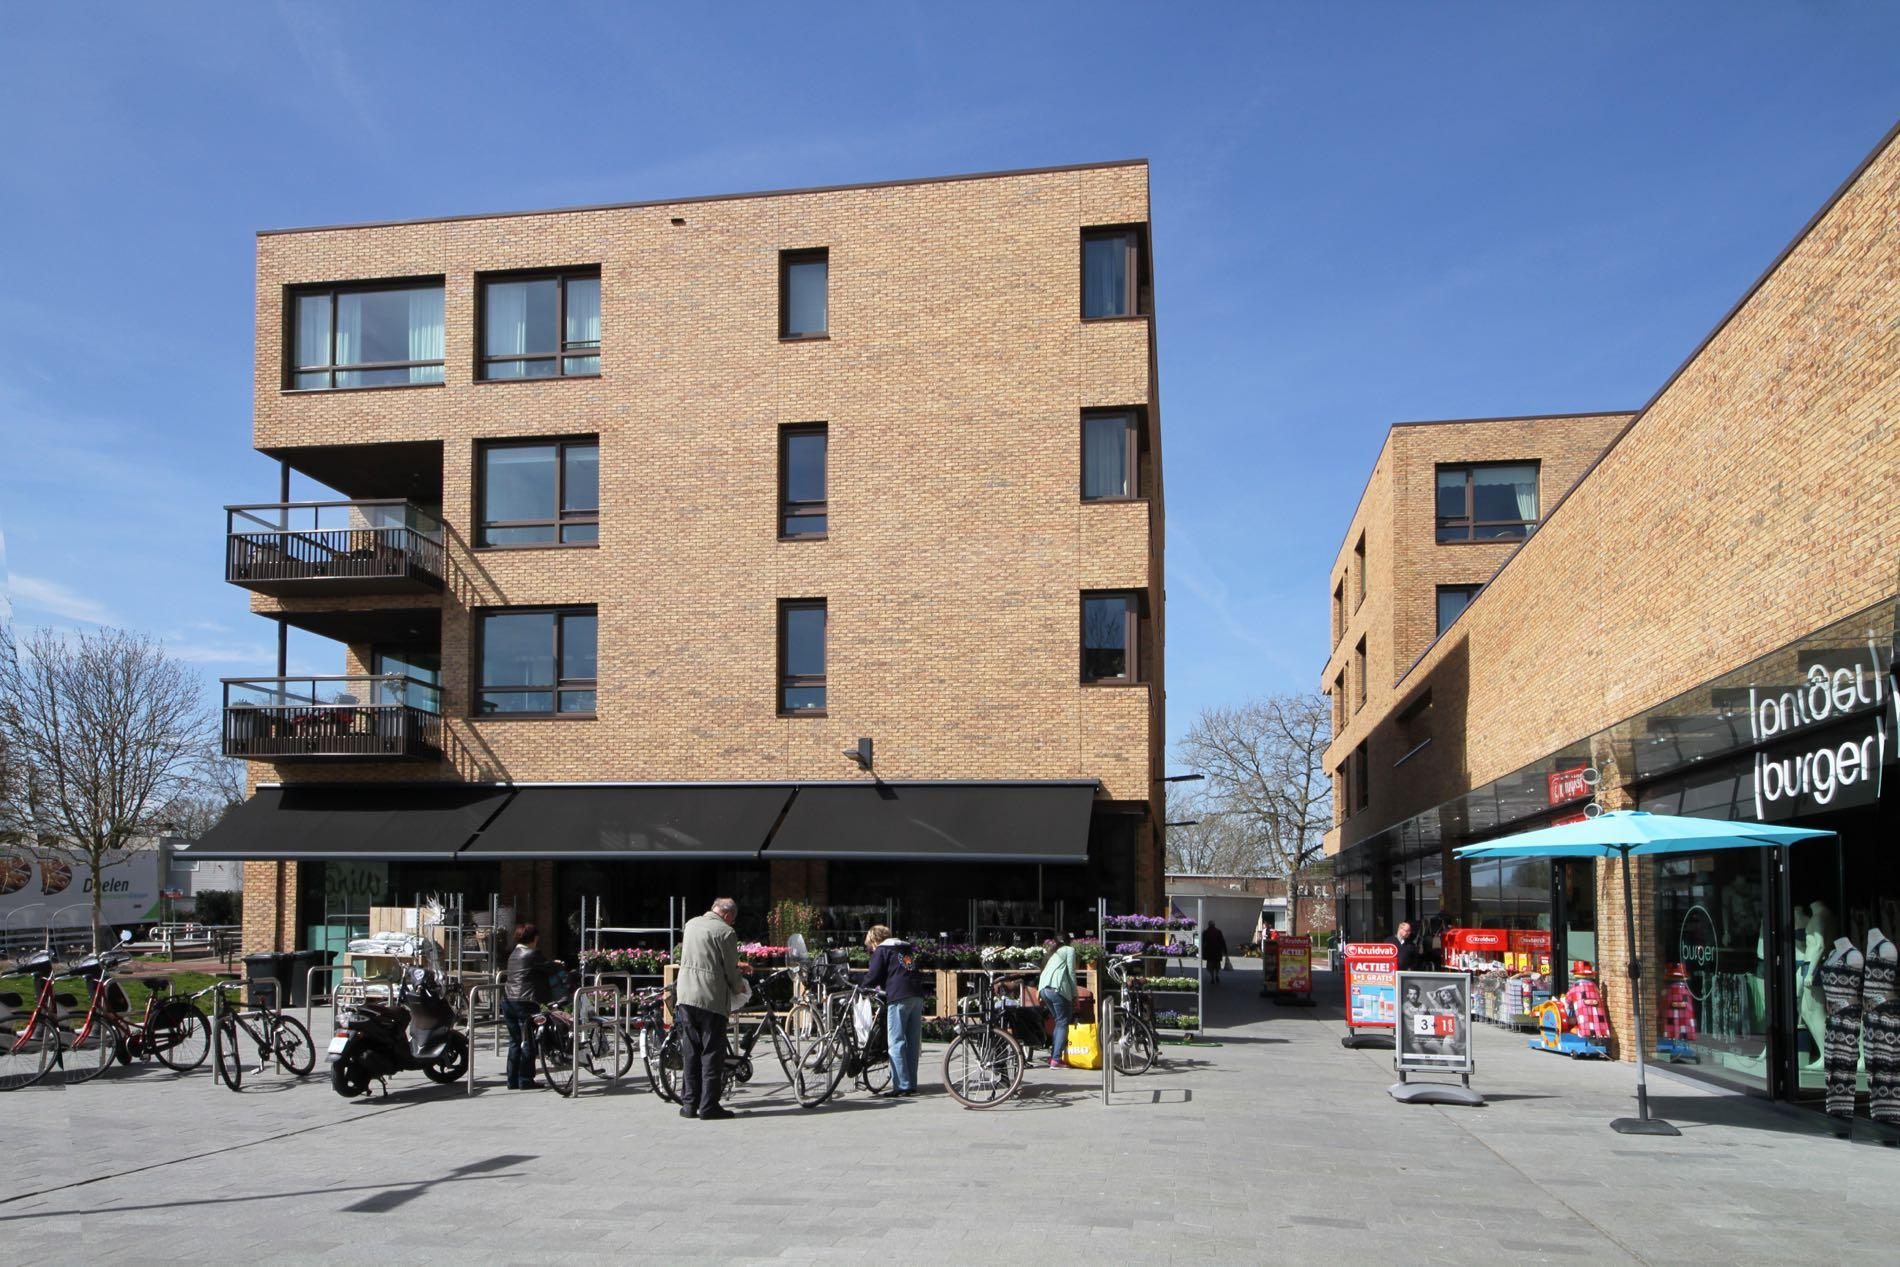 Appartementen En Winkels Miereakker Reeuwijk Steenhandel Gelsing